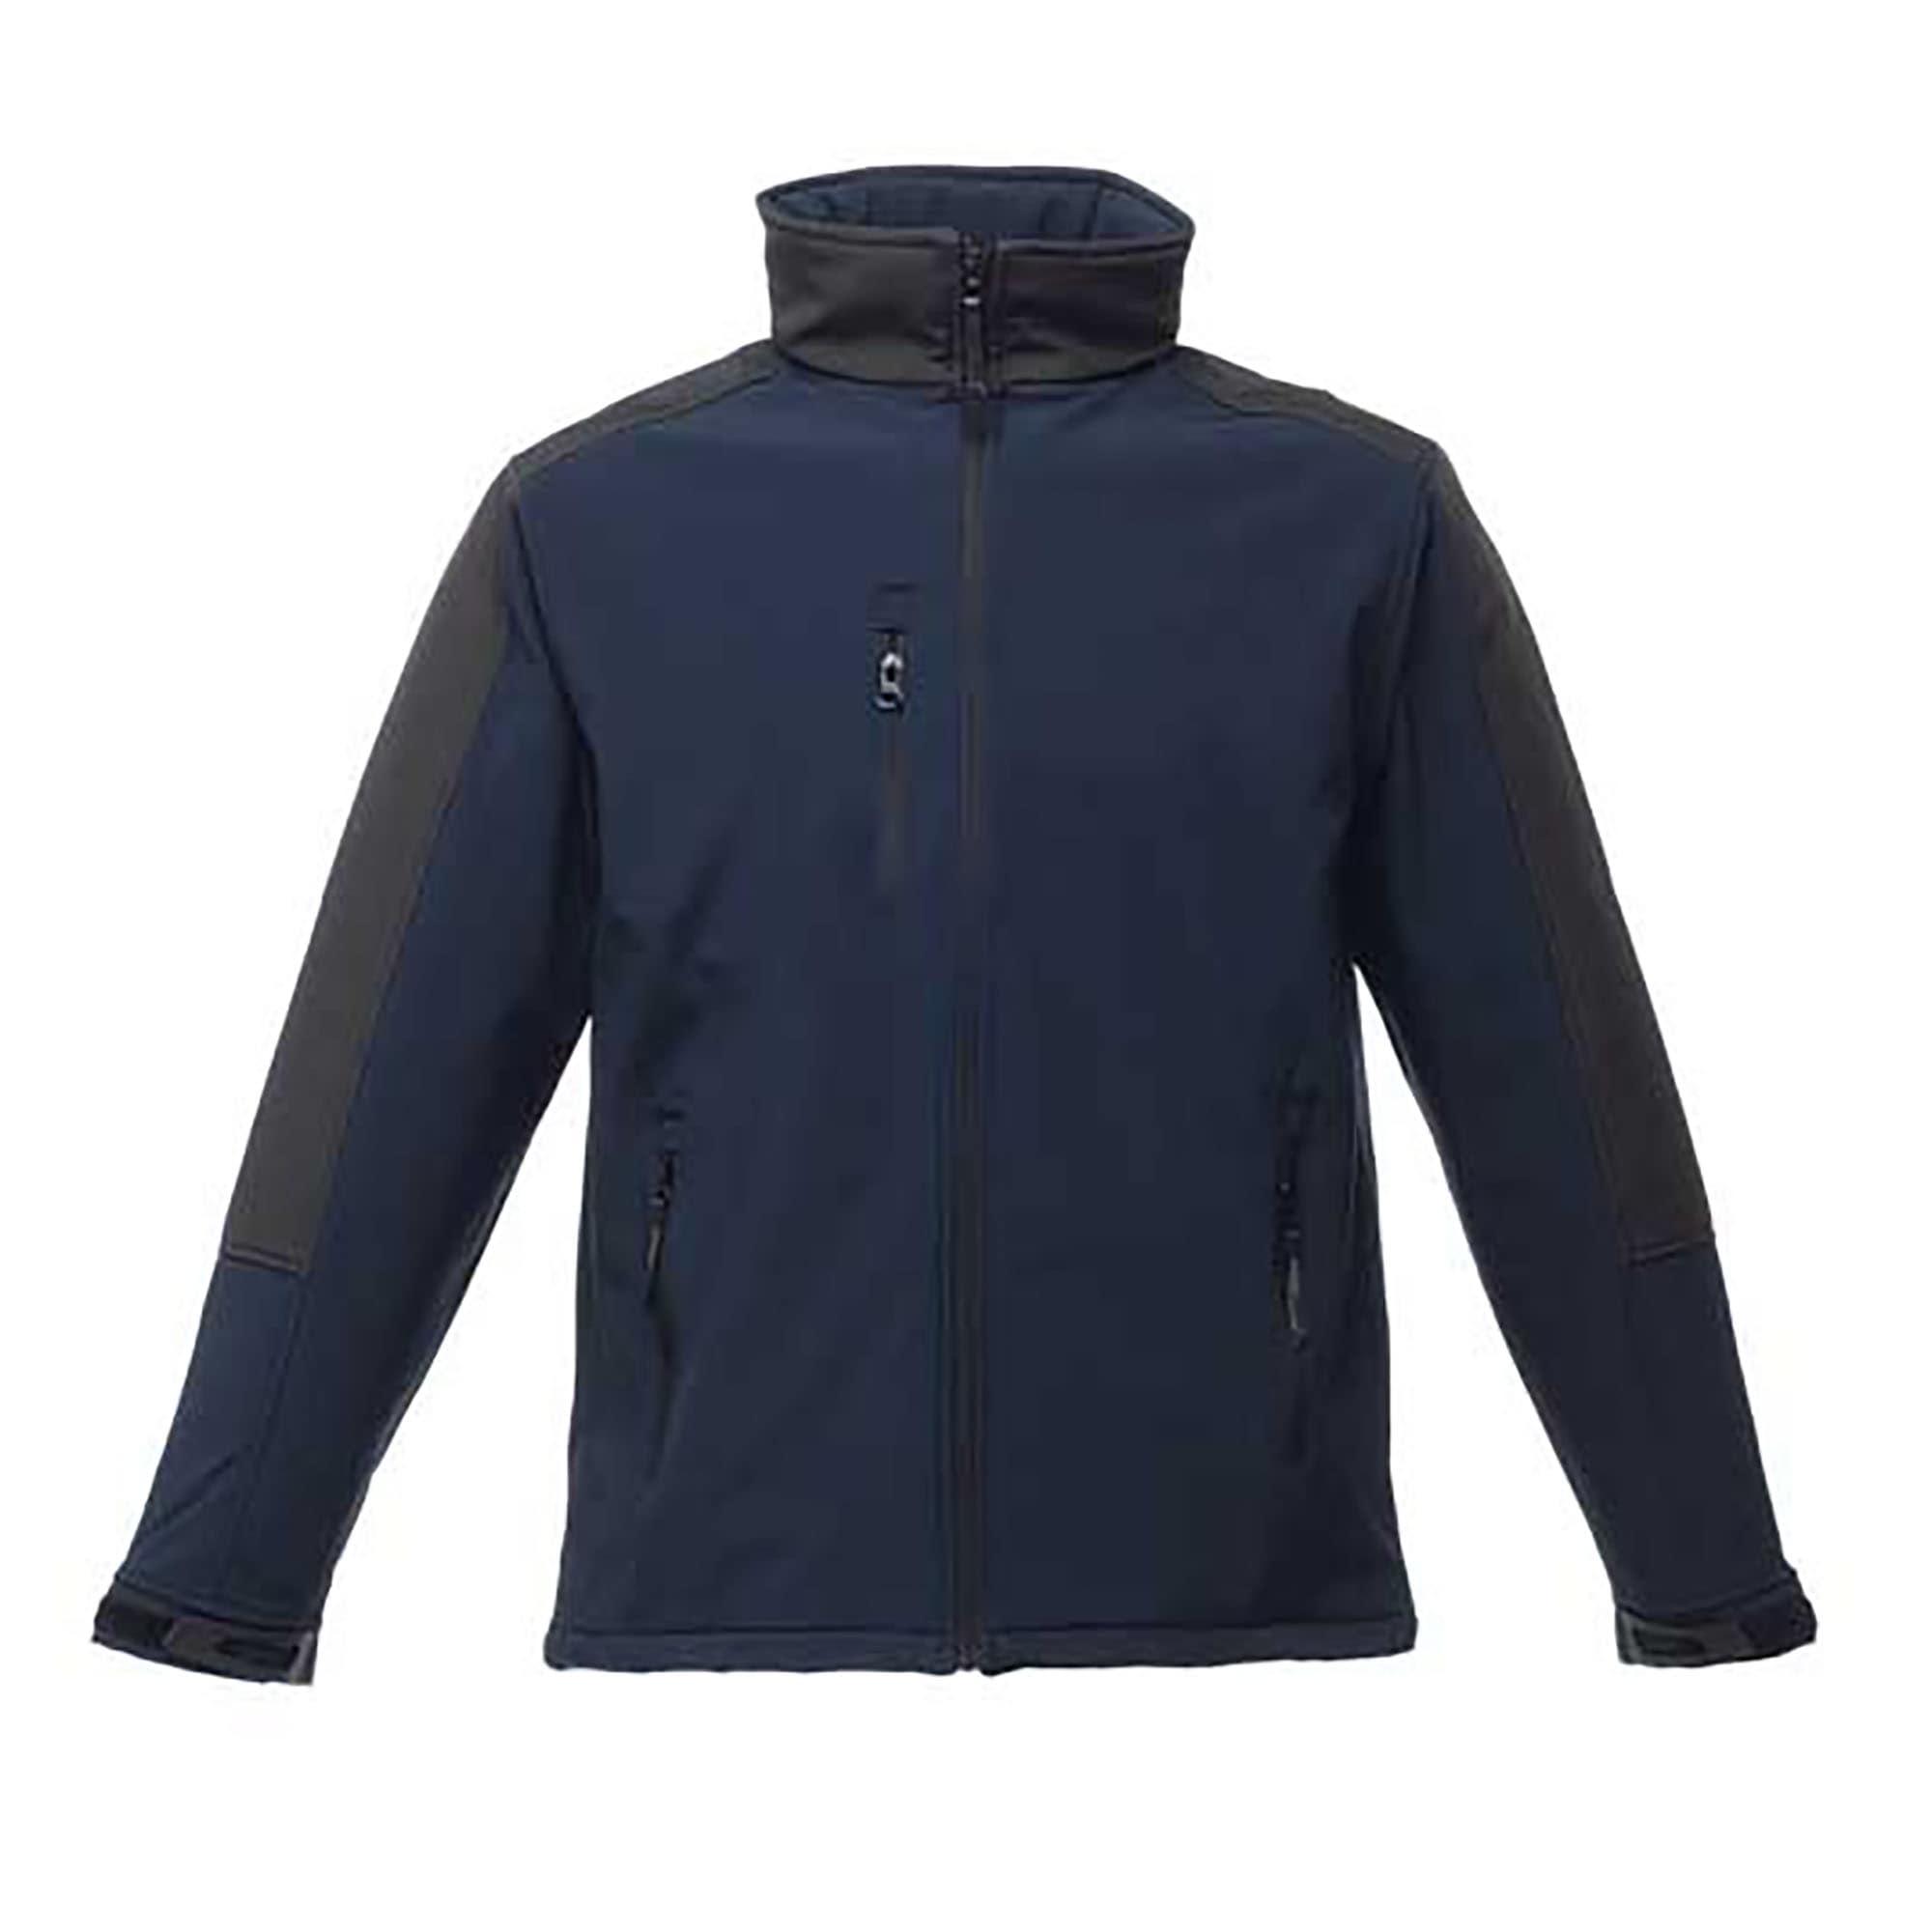 Regatta Softshelljacke Herren Hydroforce Softshell-Jacke 3-lagig wasserdicht atmungsaktiv | Sportbekleidung > Sportjacken > Softshelljacken | Regatta